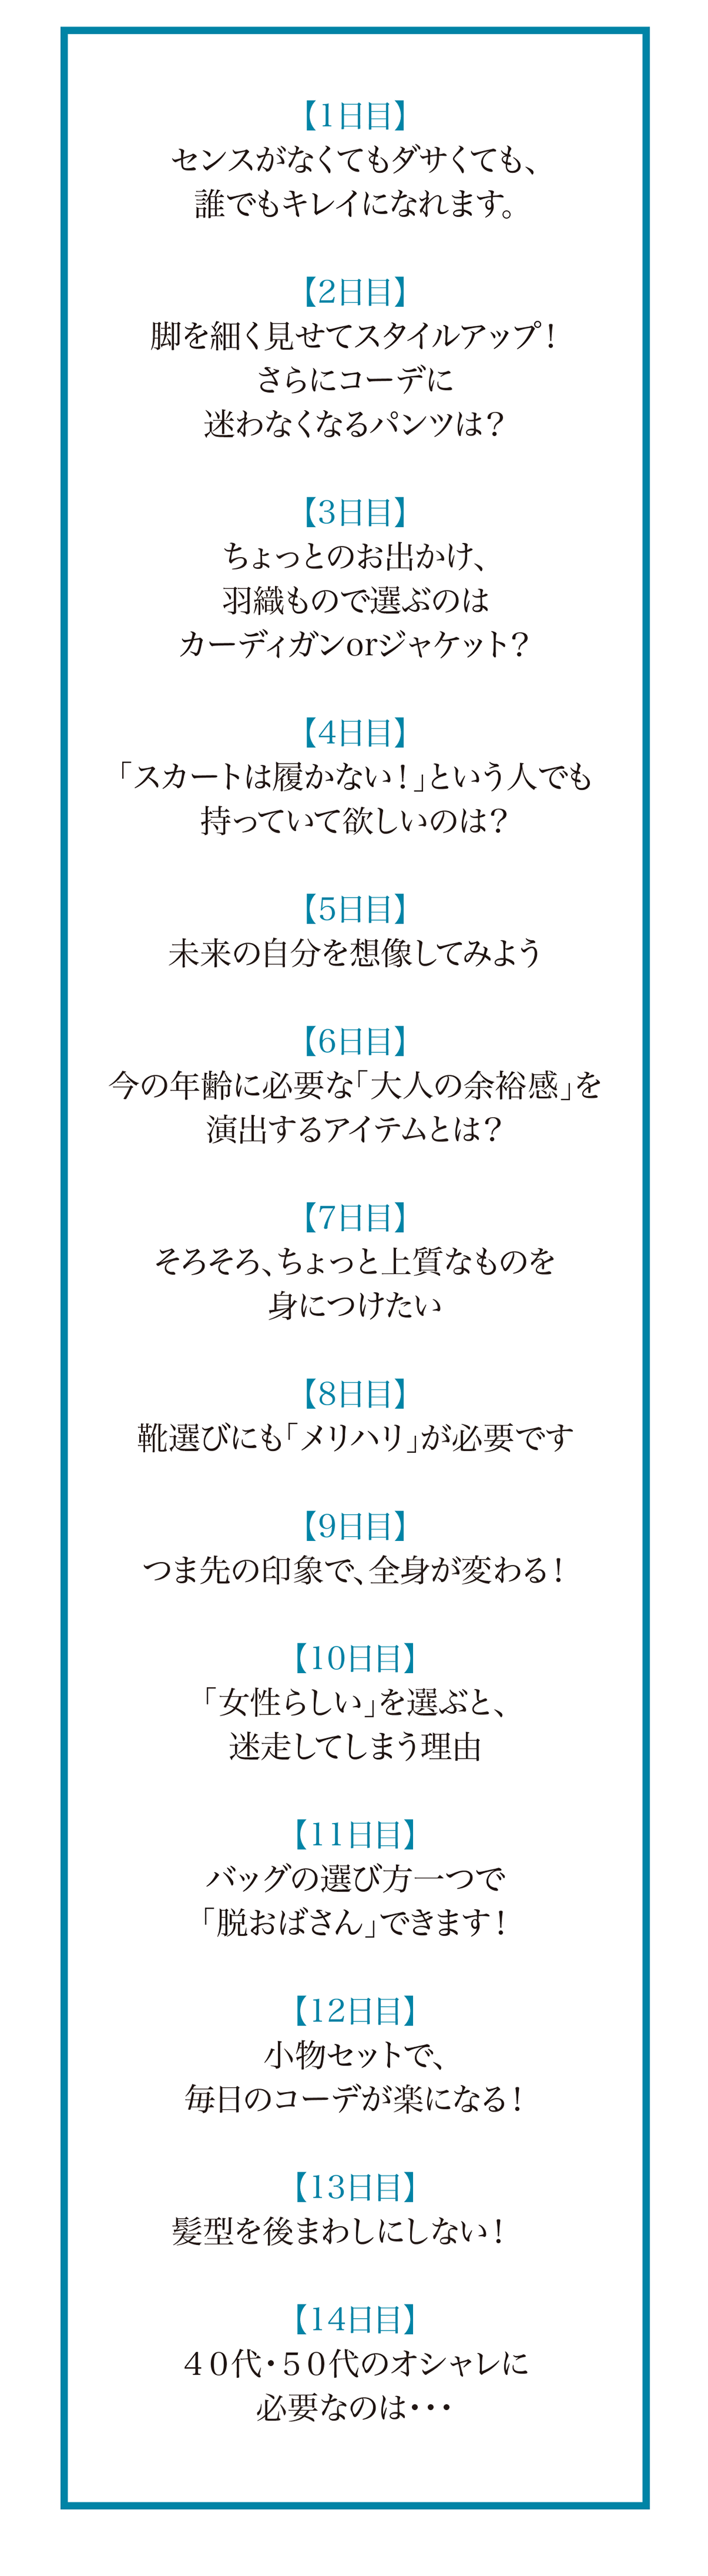 無料メール講座・内容